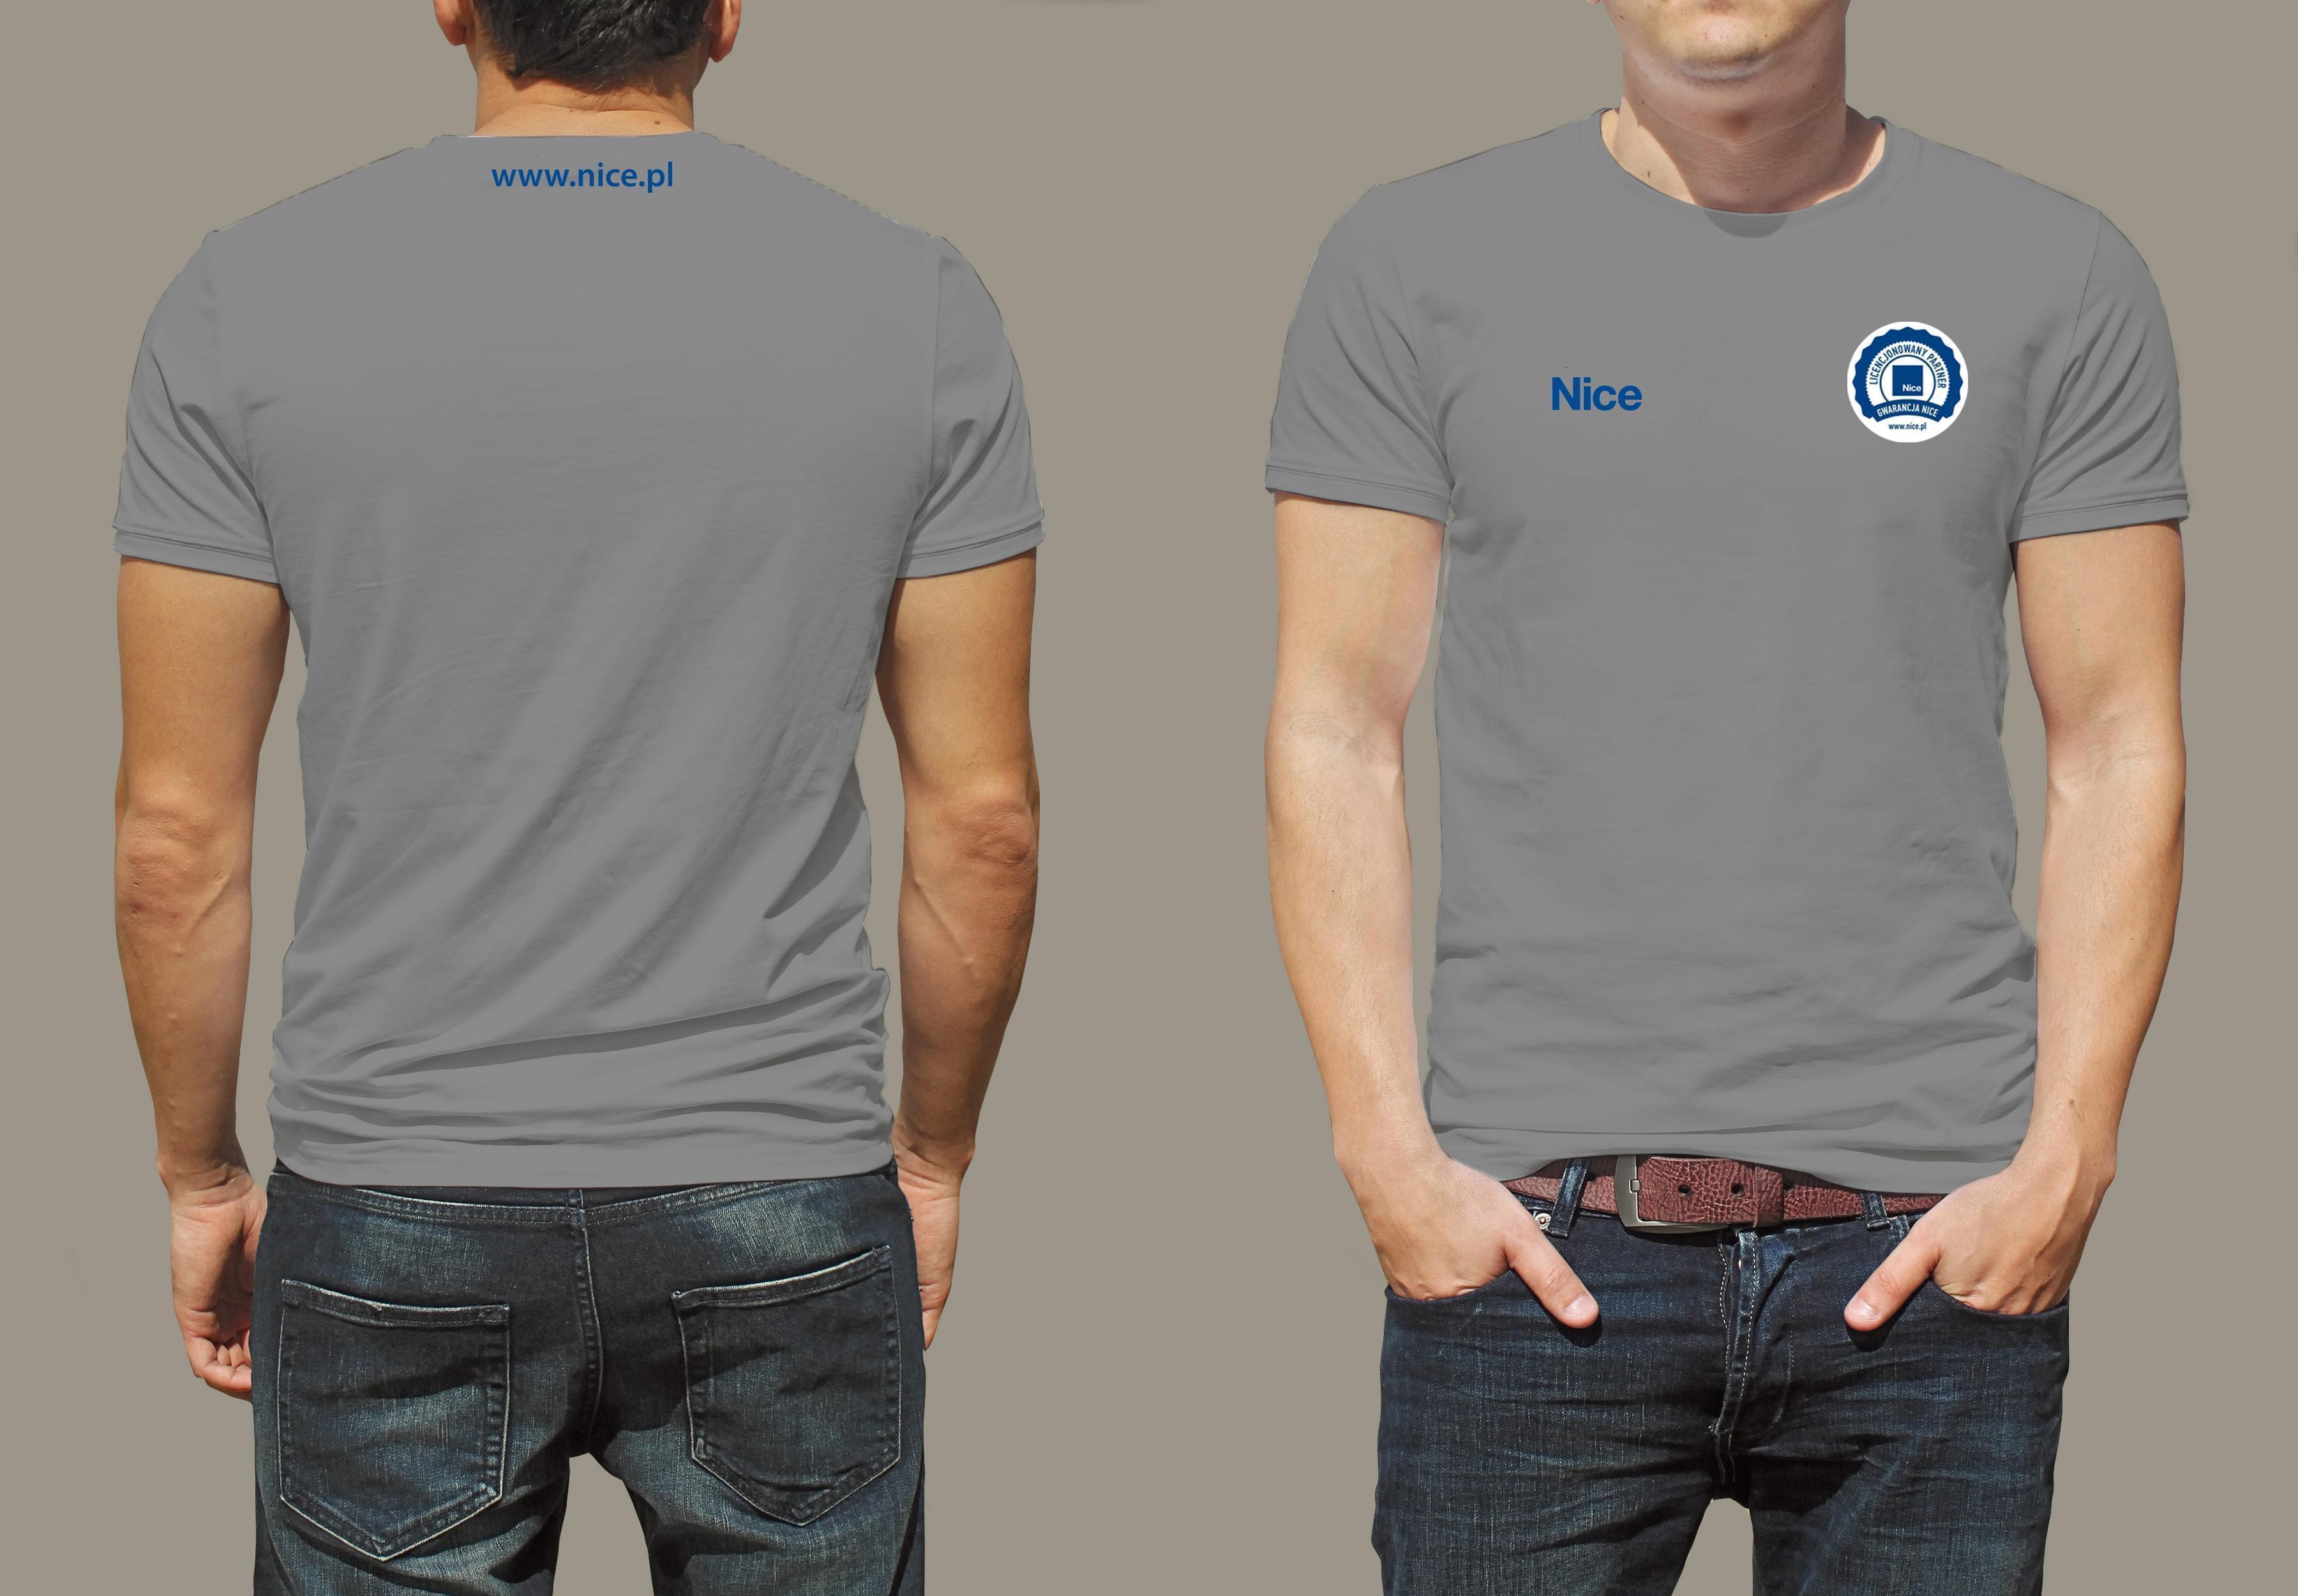 koszulka dla instalatora